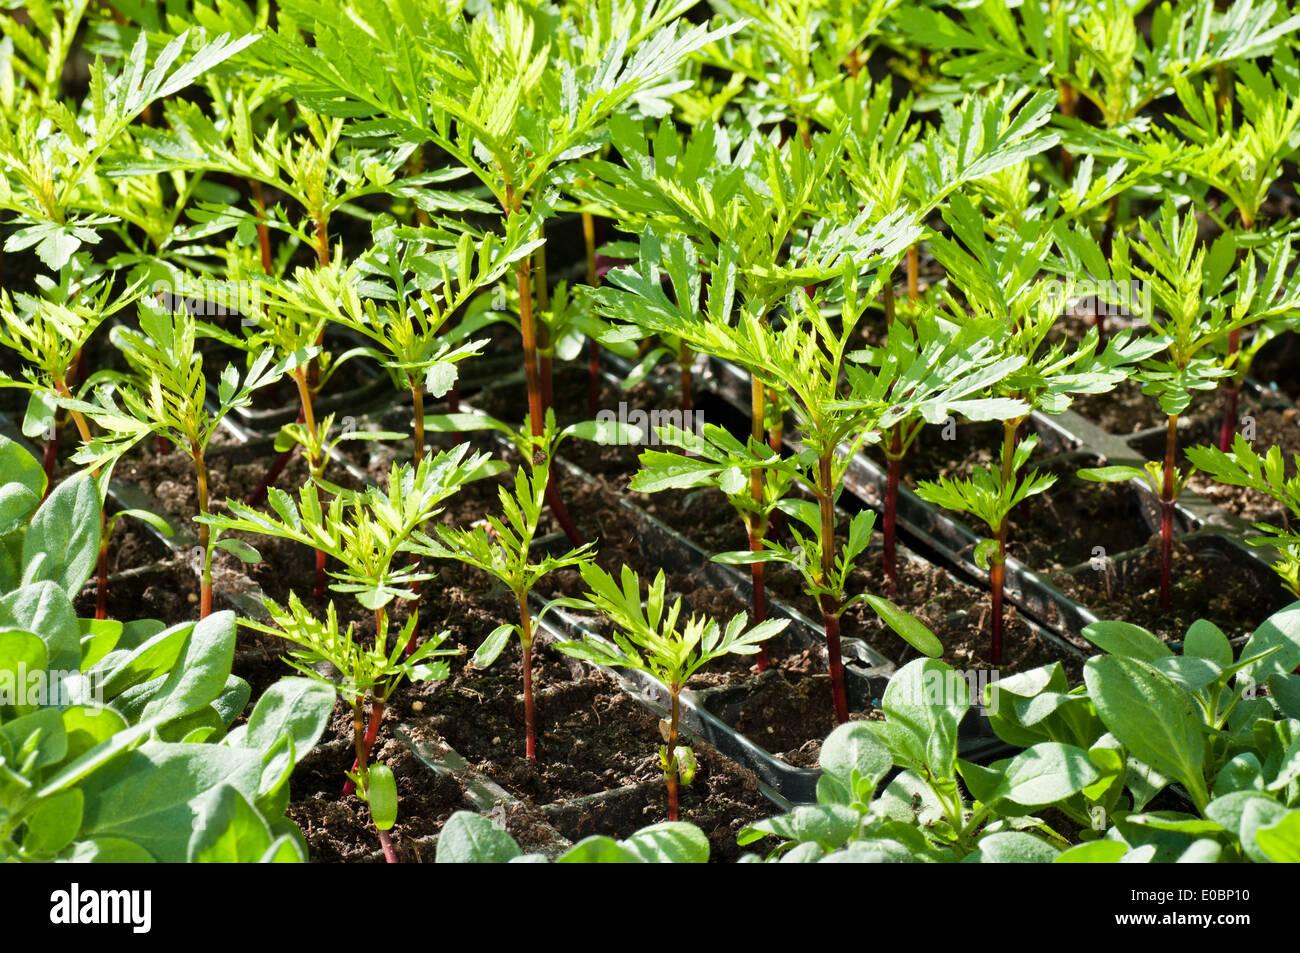 marigold plant seedlings in